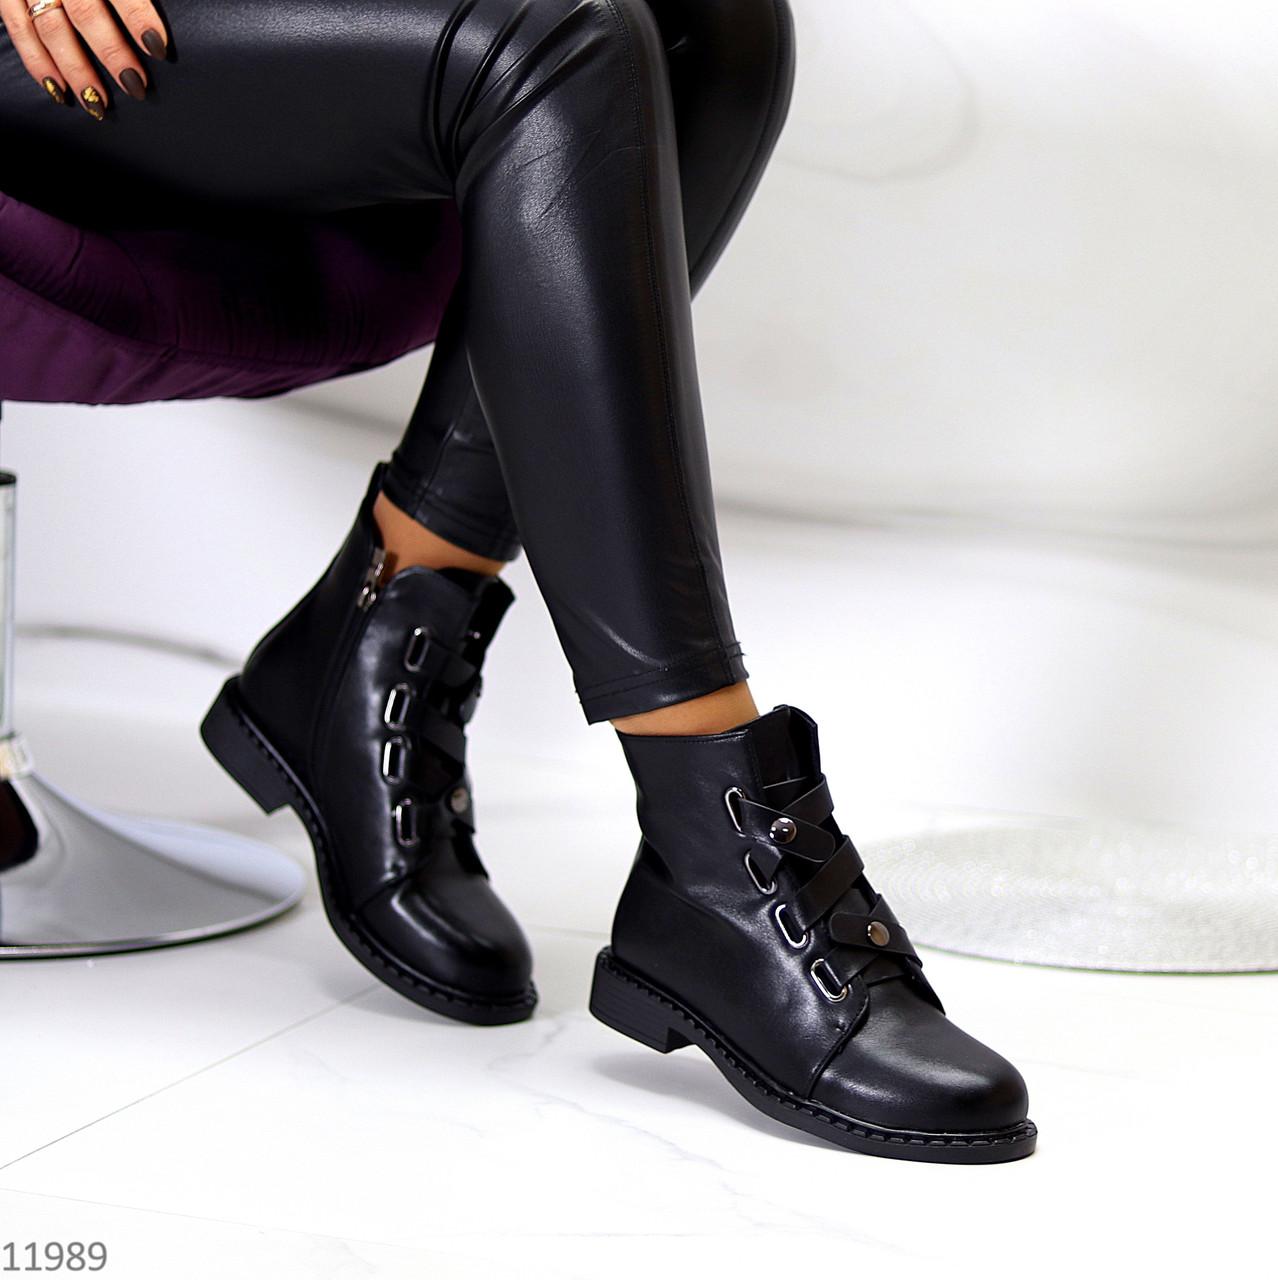 Оригинальные черные высокие женские ботинки декор шнуровка ремень